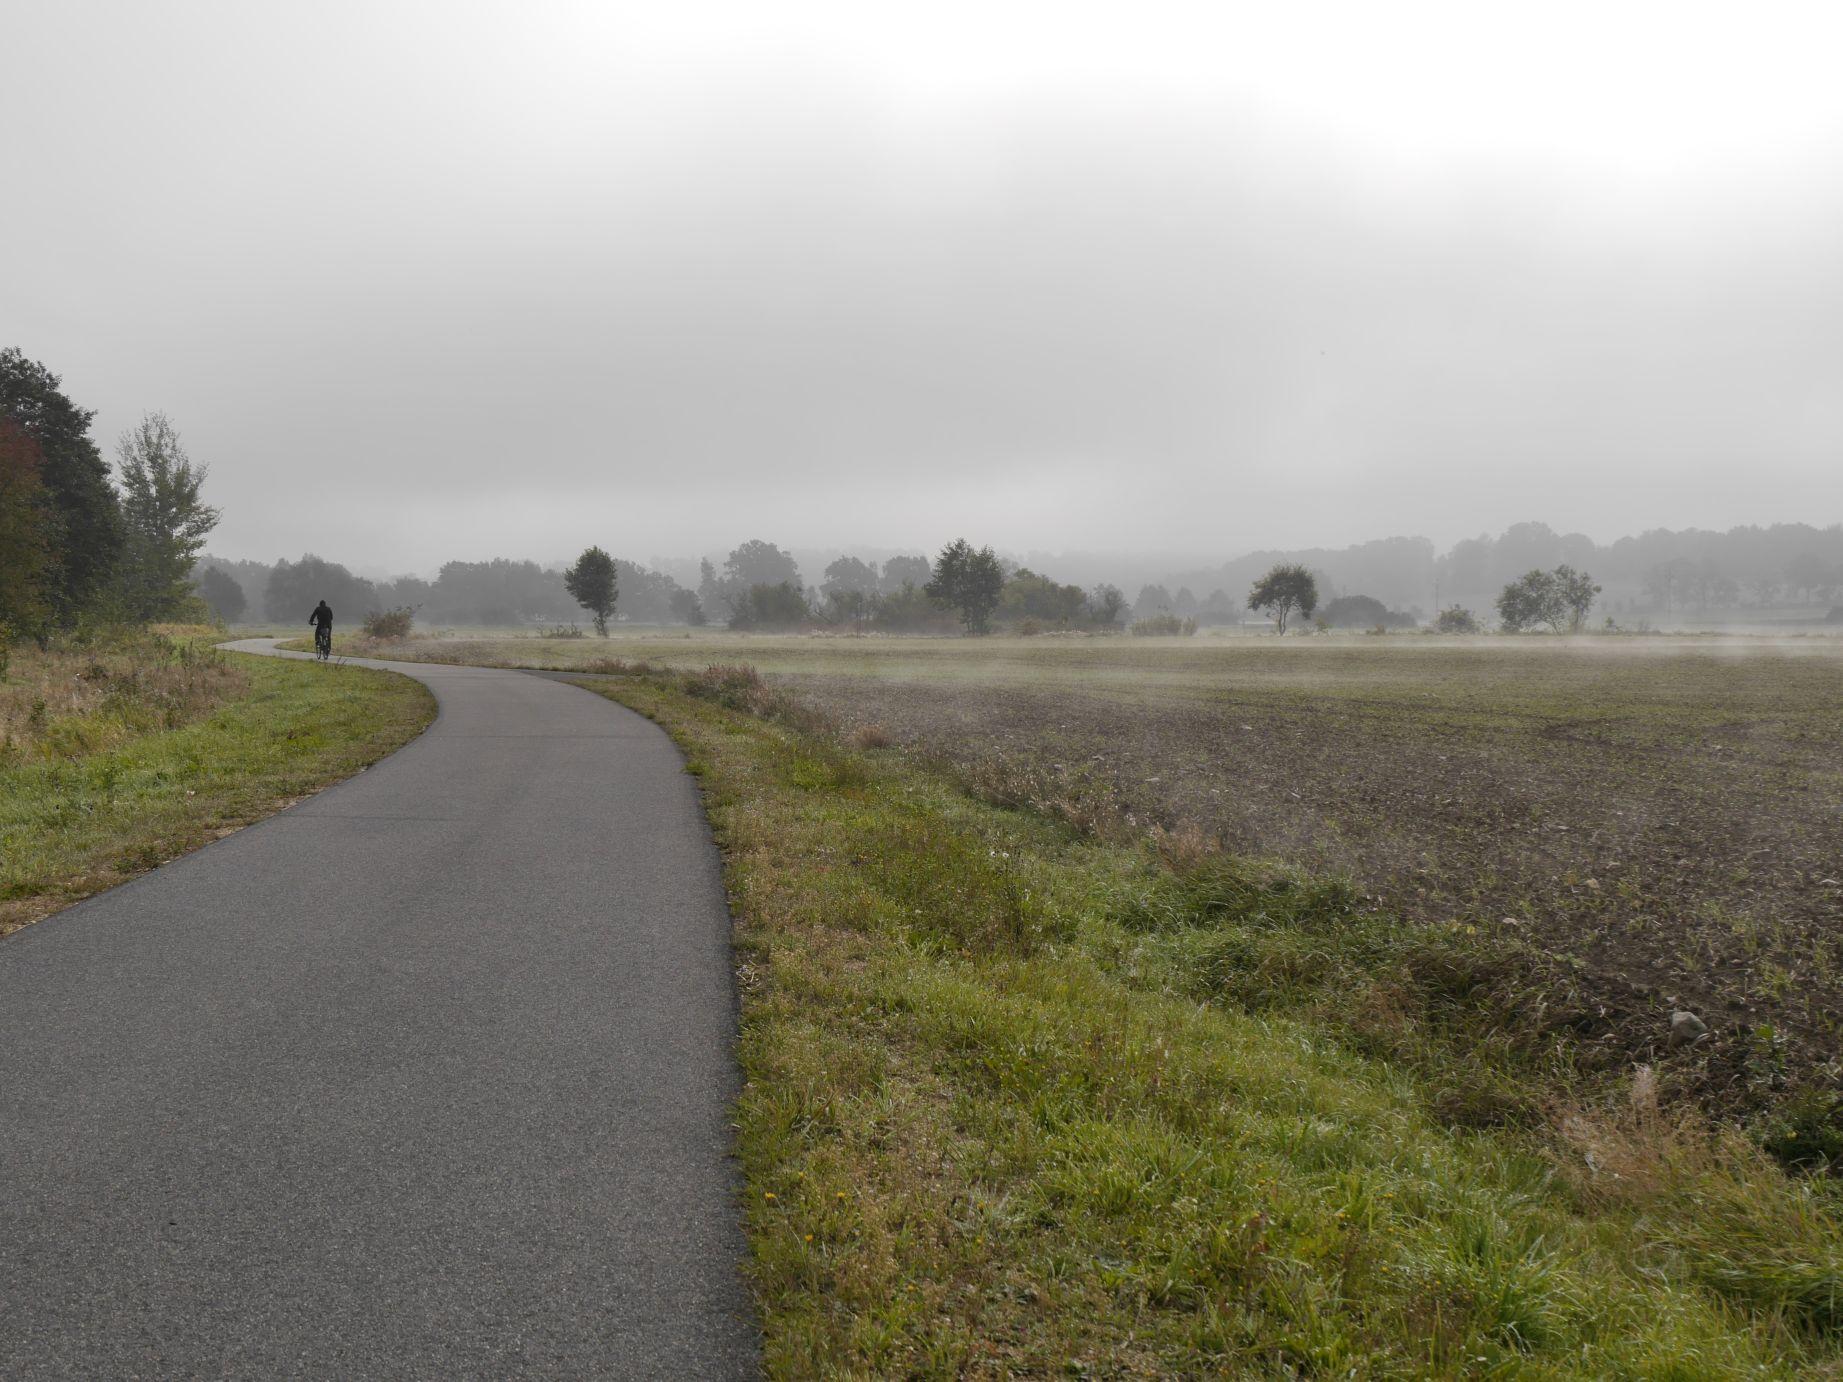 Tschechien verwöhnt an der Eger mit gut ausgebauten Radwegen!